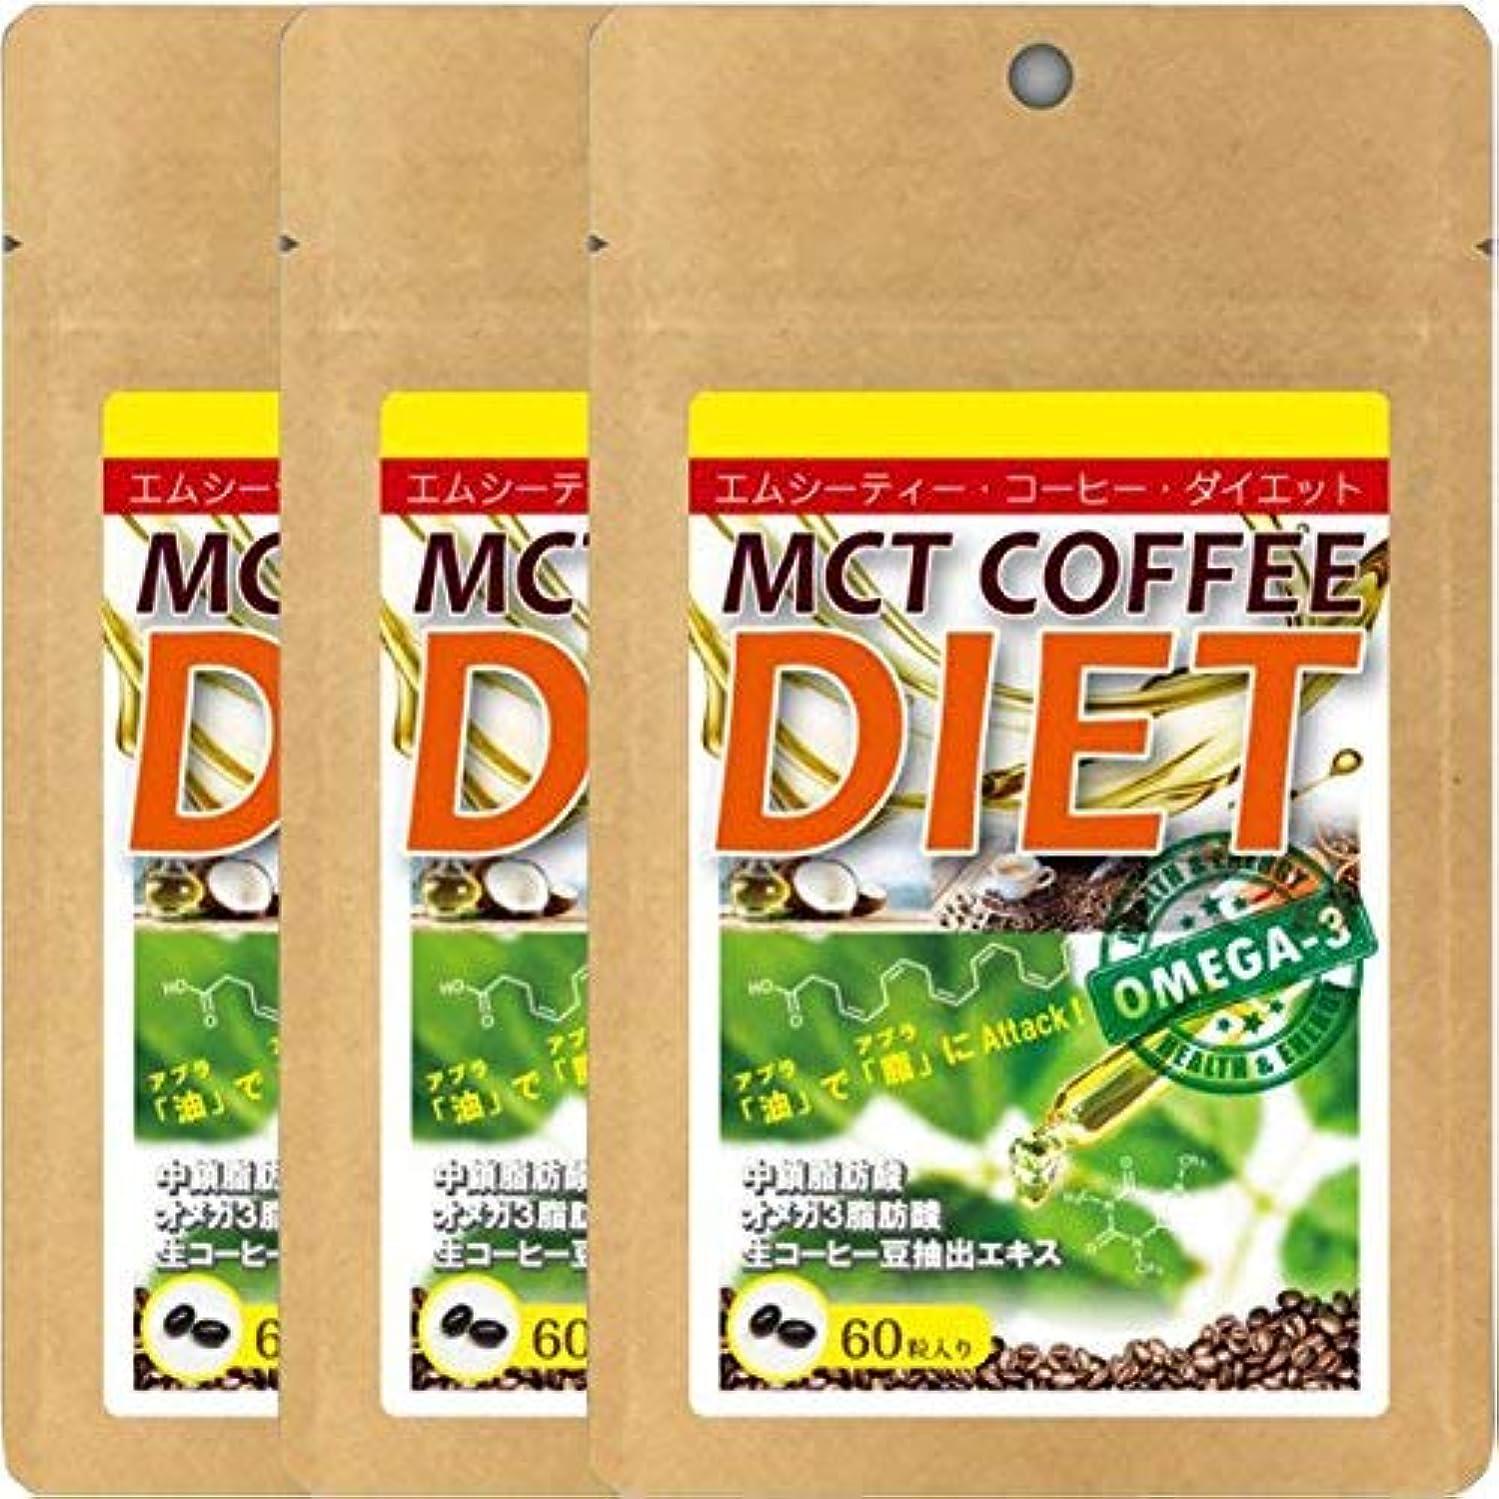 廃止ネーピア合併症【MCTオイル】MCTコーヒーダイエット 3個セット 【10% OFF !! 】 60カプセル入り